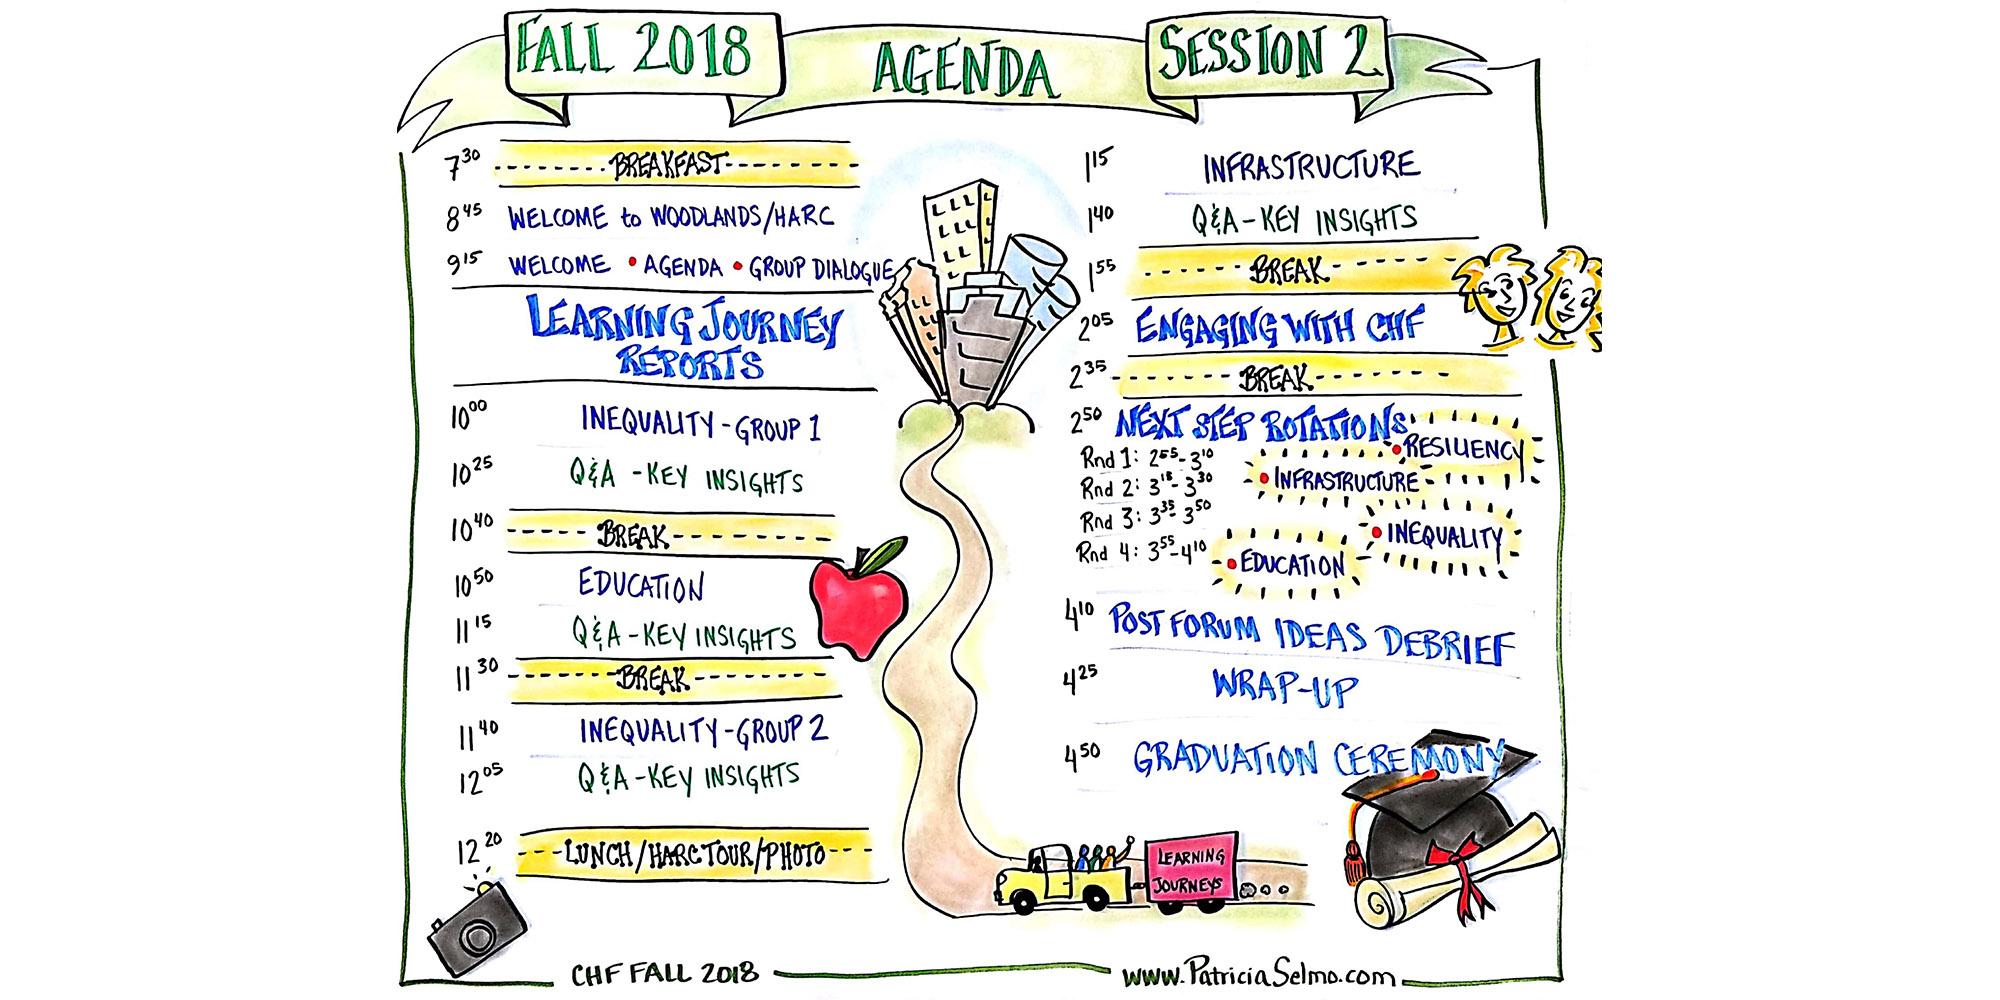 Preliminary Work // Agenda